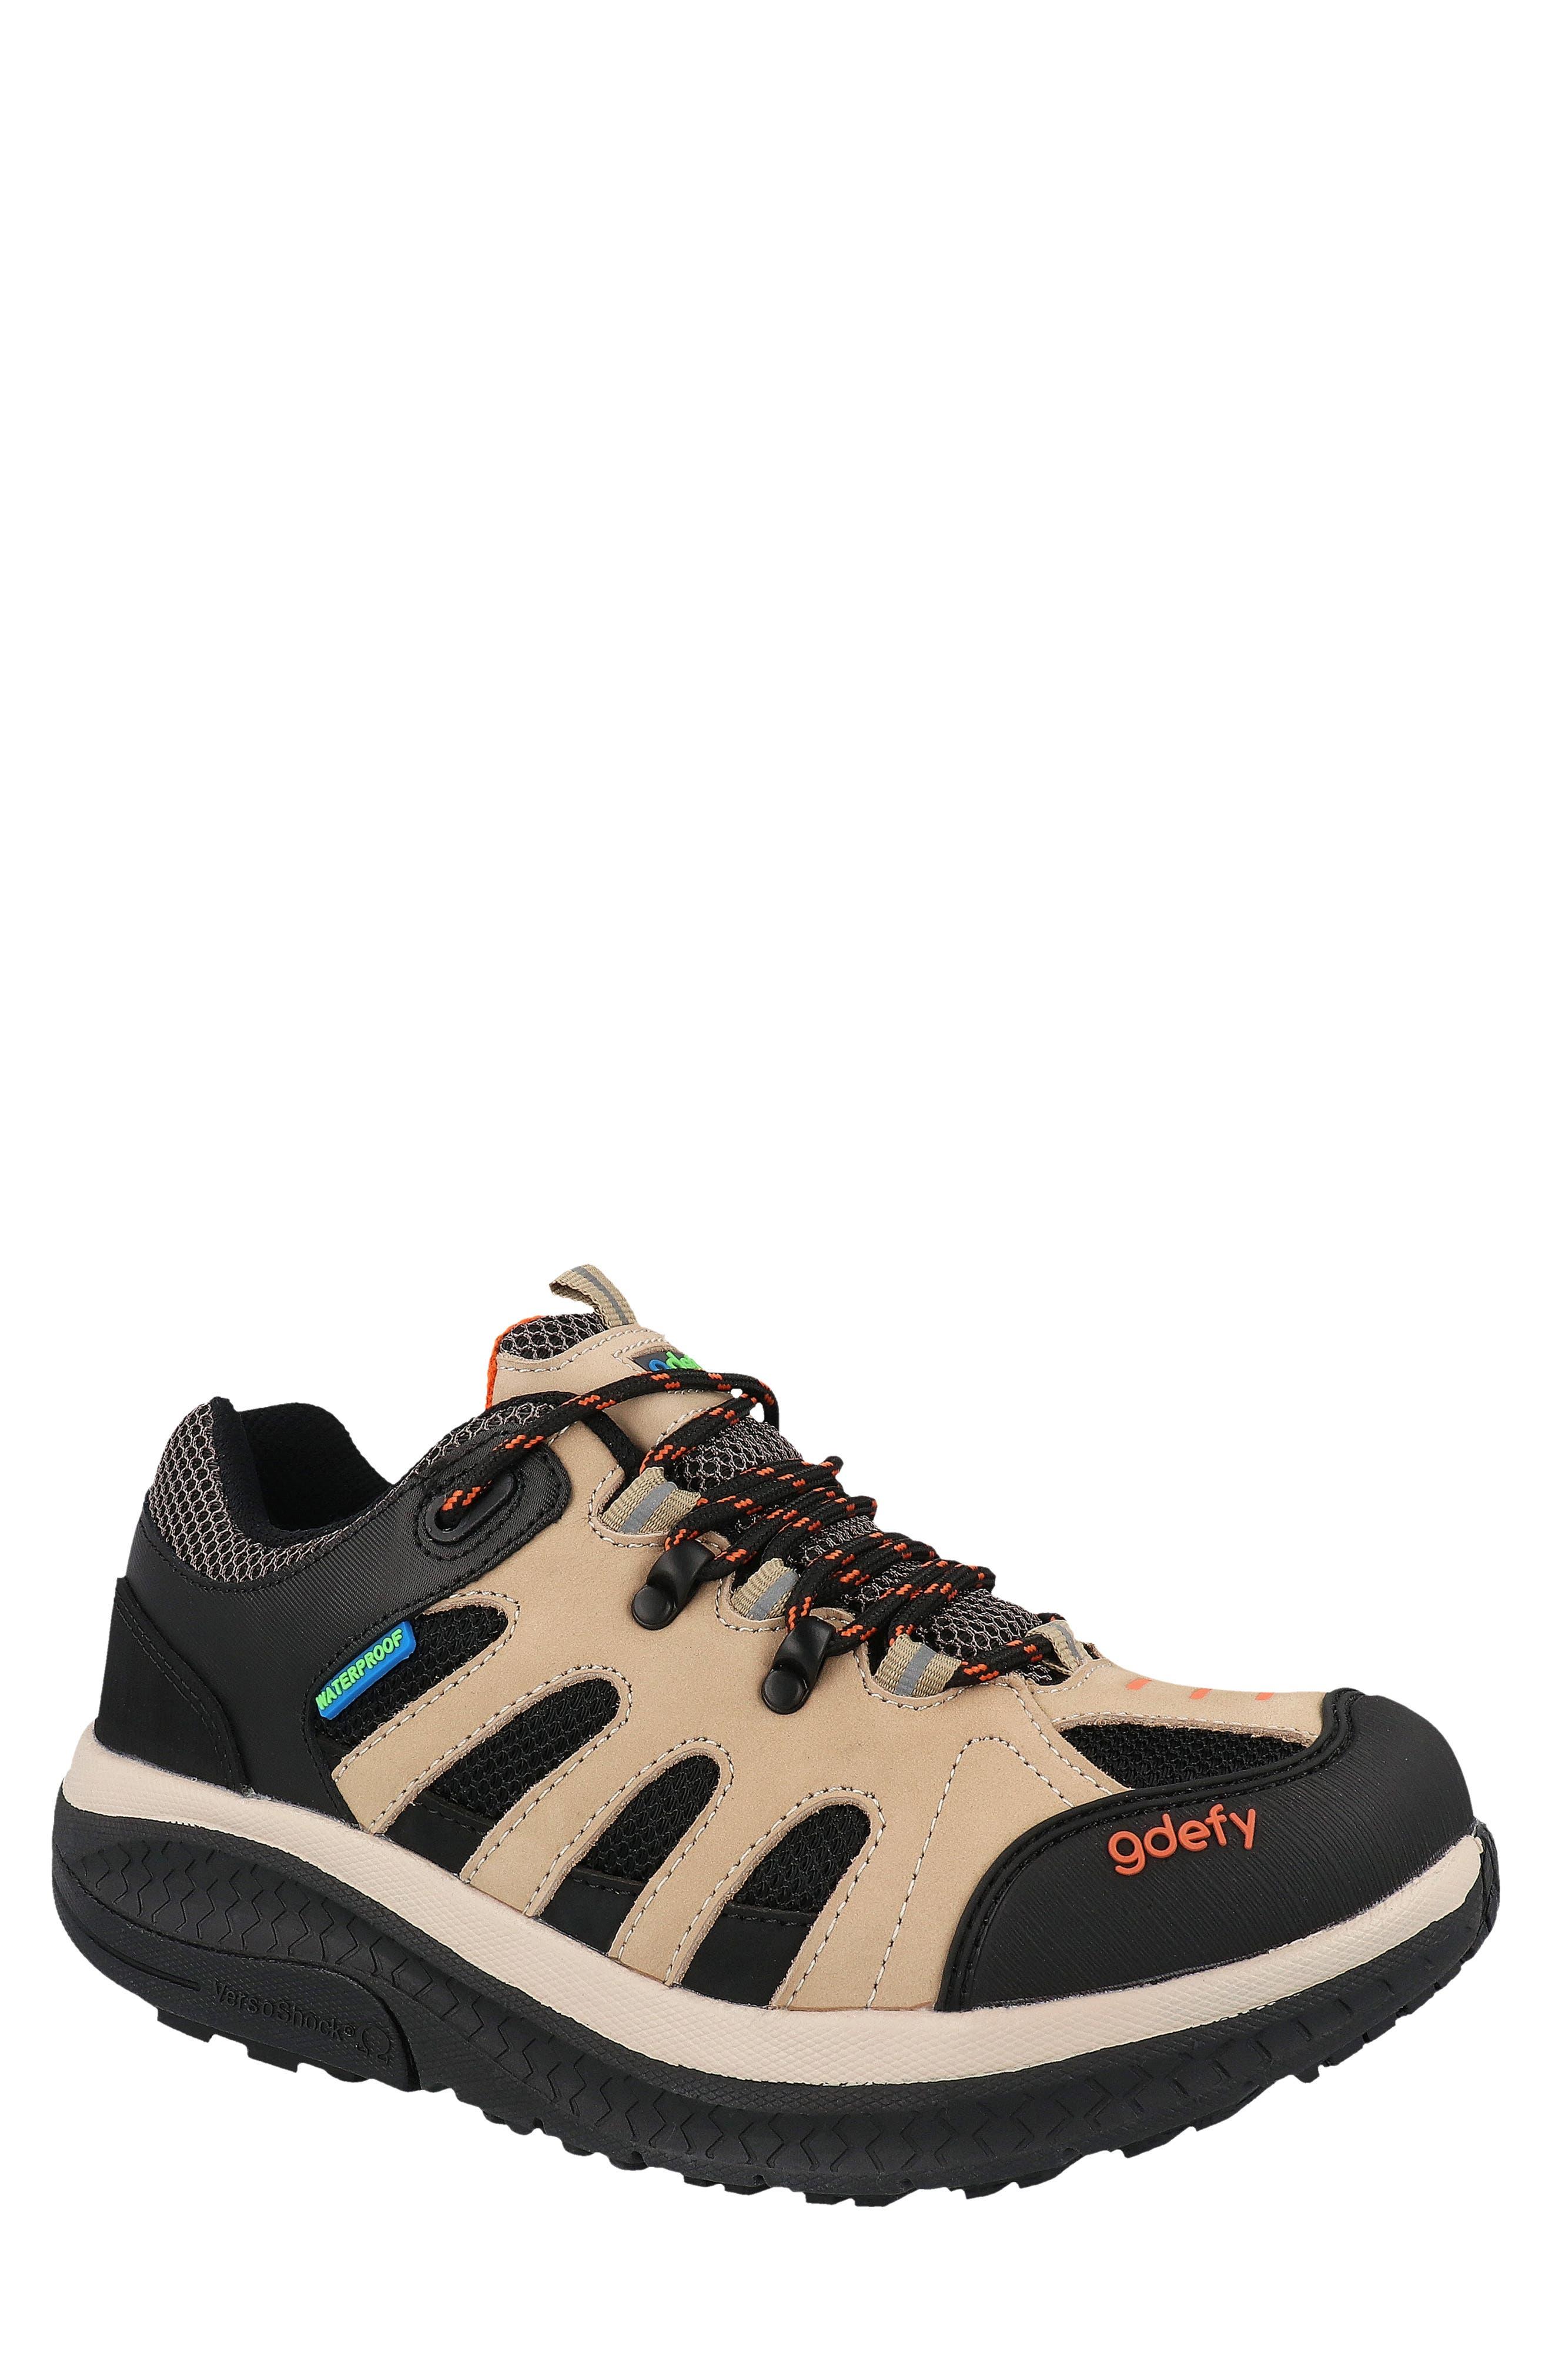 Radius Hiking Shoe